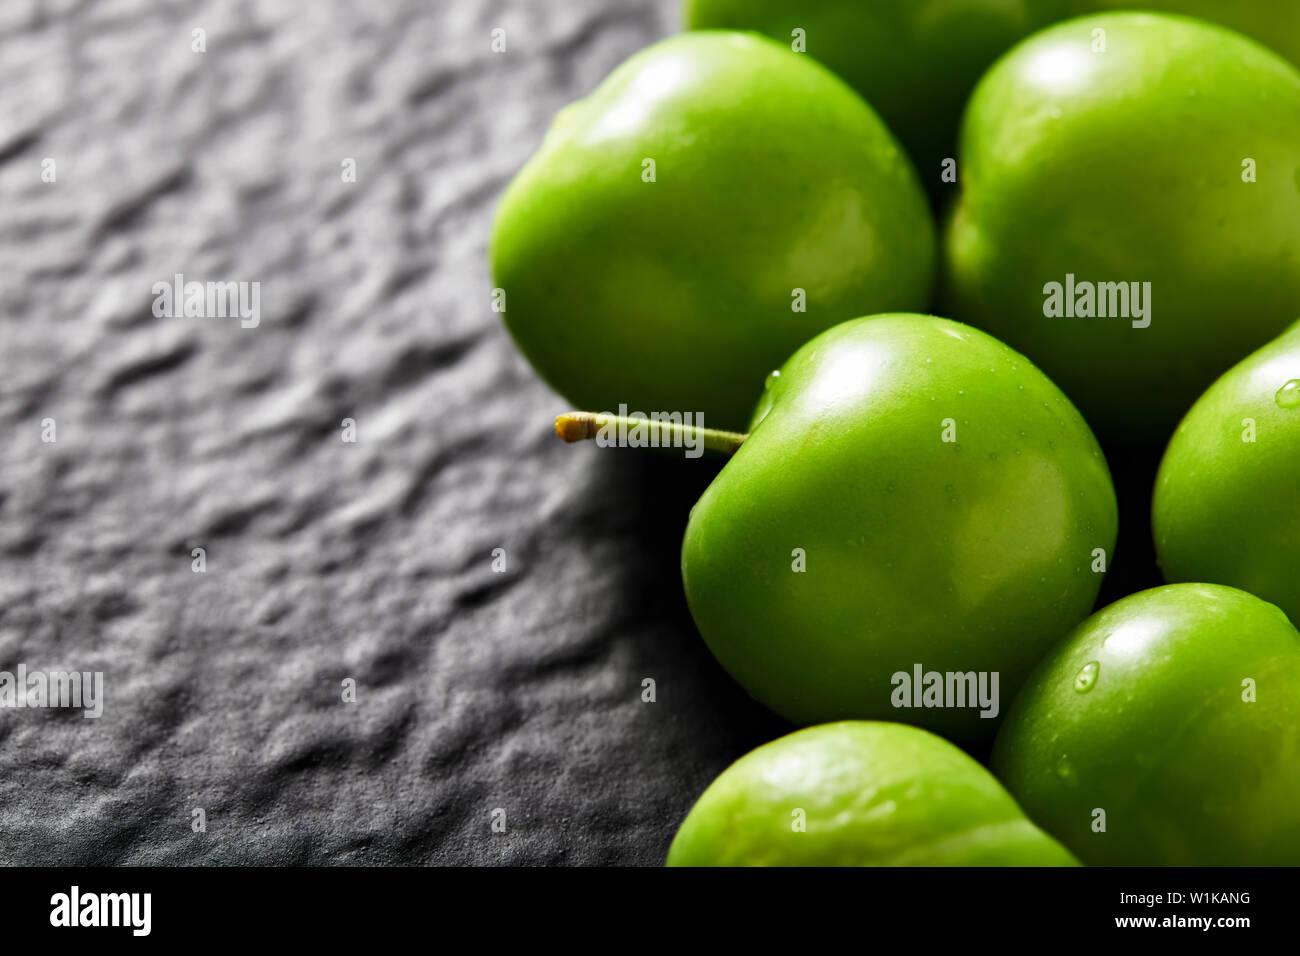 Cumulo di green gage prugna su nero testurizzato di pietra con sfondo spazio copia. Close up vista macro. Immagini Stock